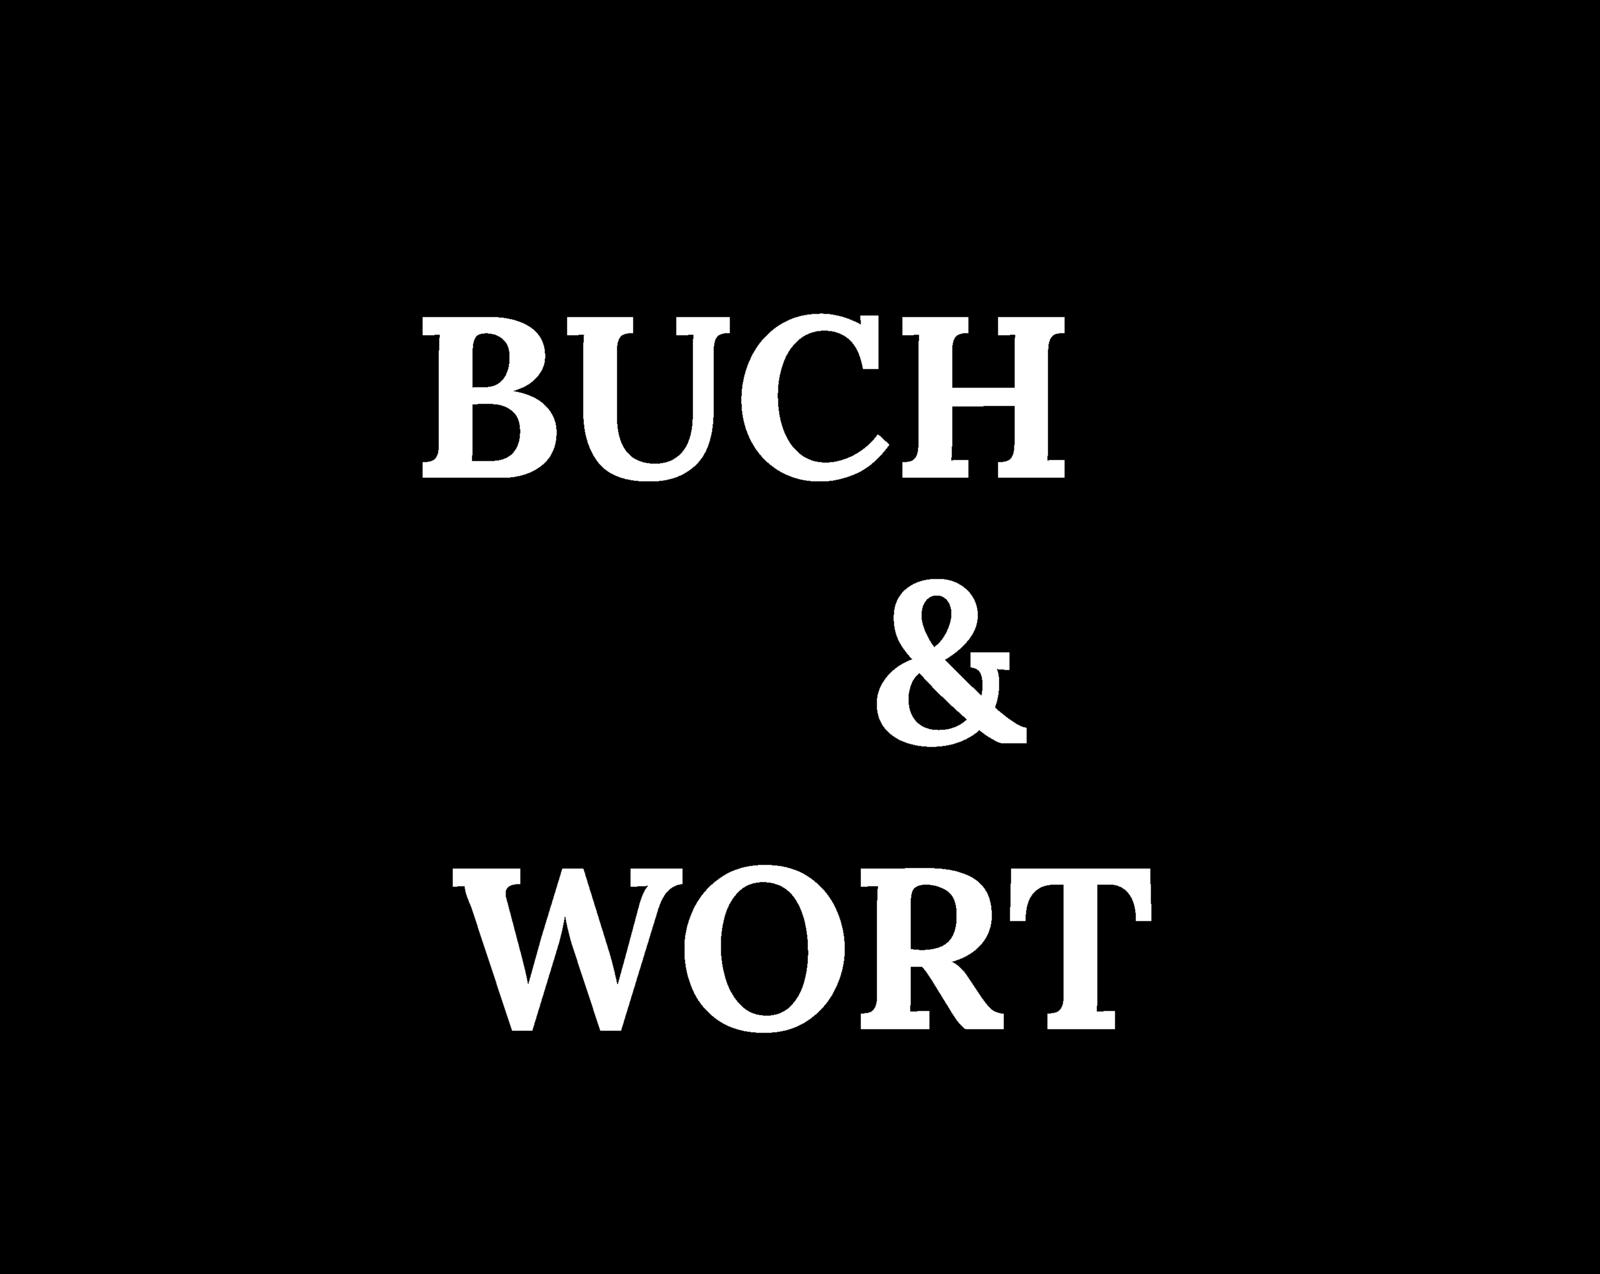 Buch & Wort